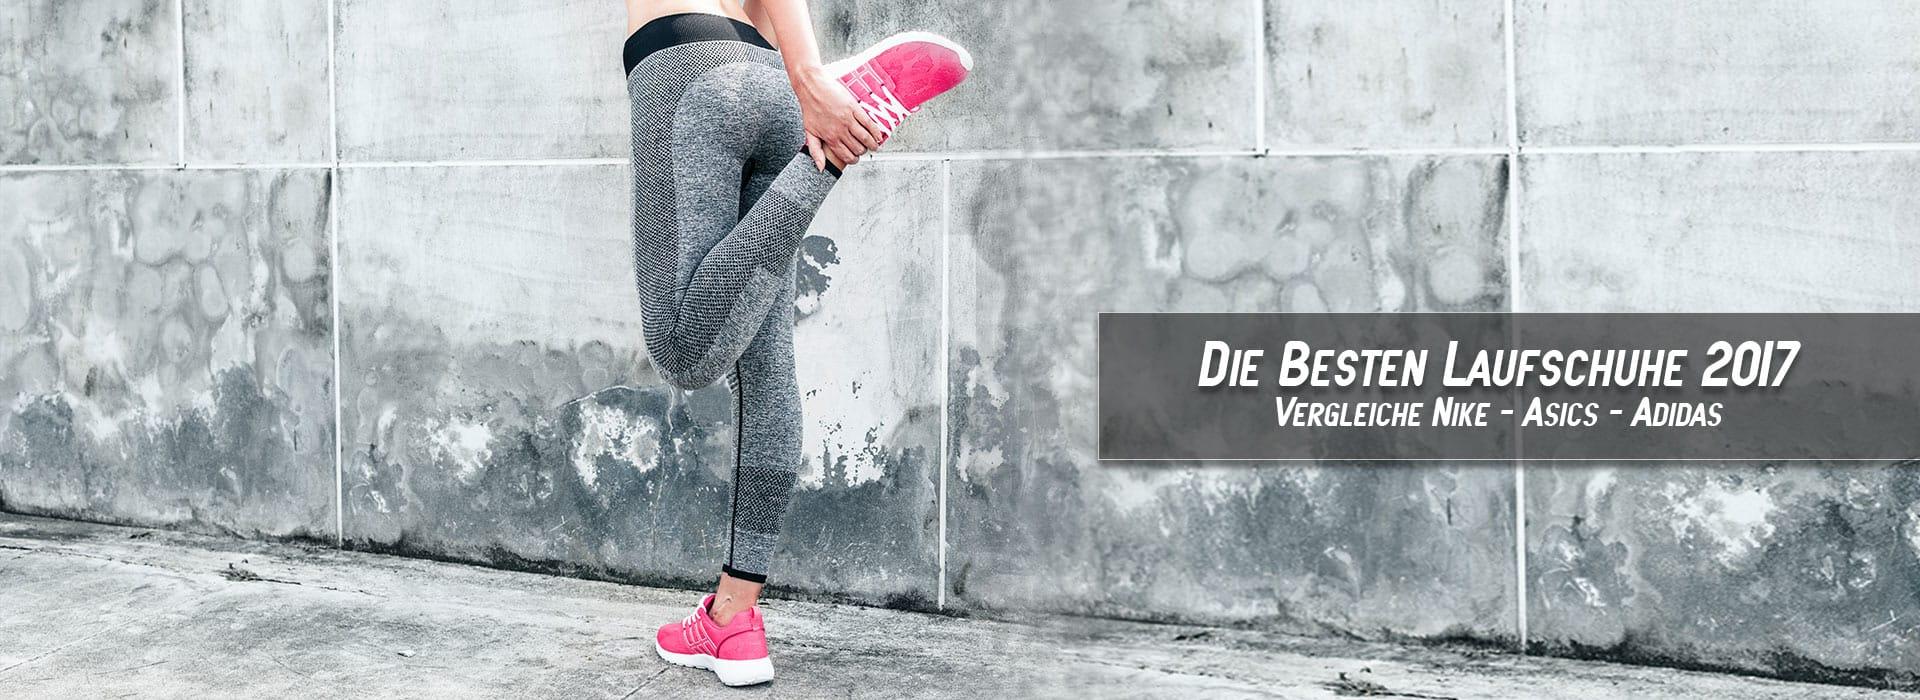 Die besten Laufschuhe Nike - Adidas Asics 2017 im Test Vergleich kaufe den Testsieger bis zu 70% günstiger